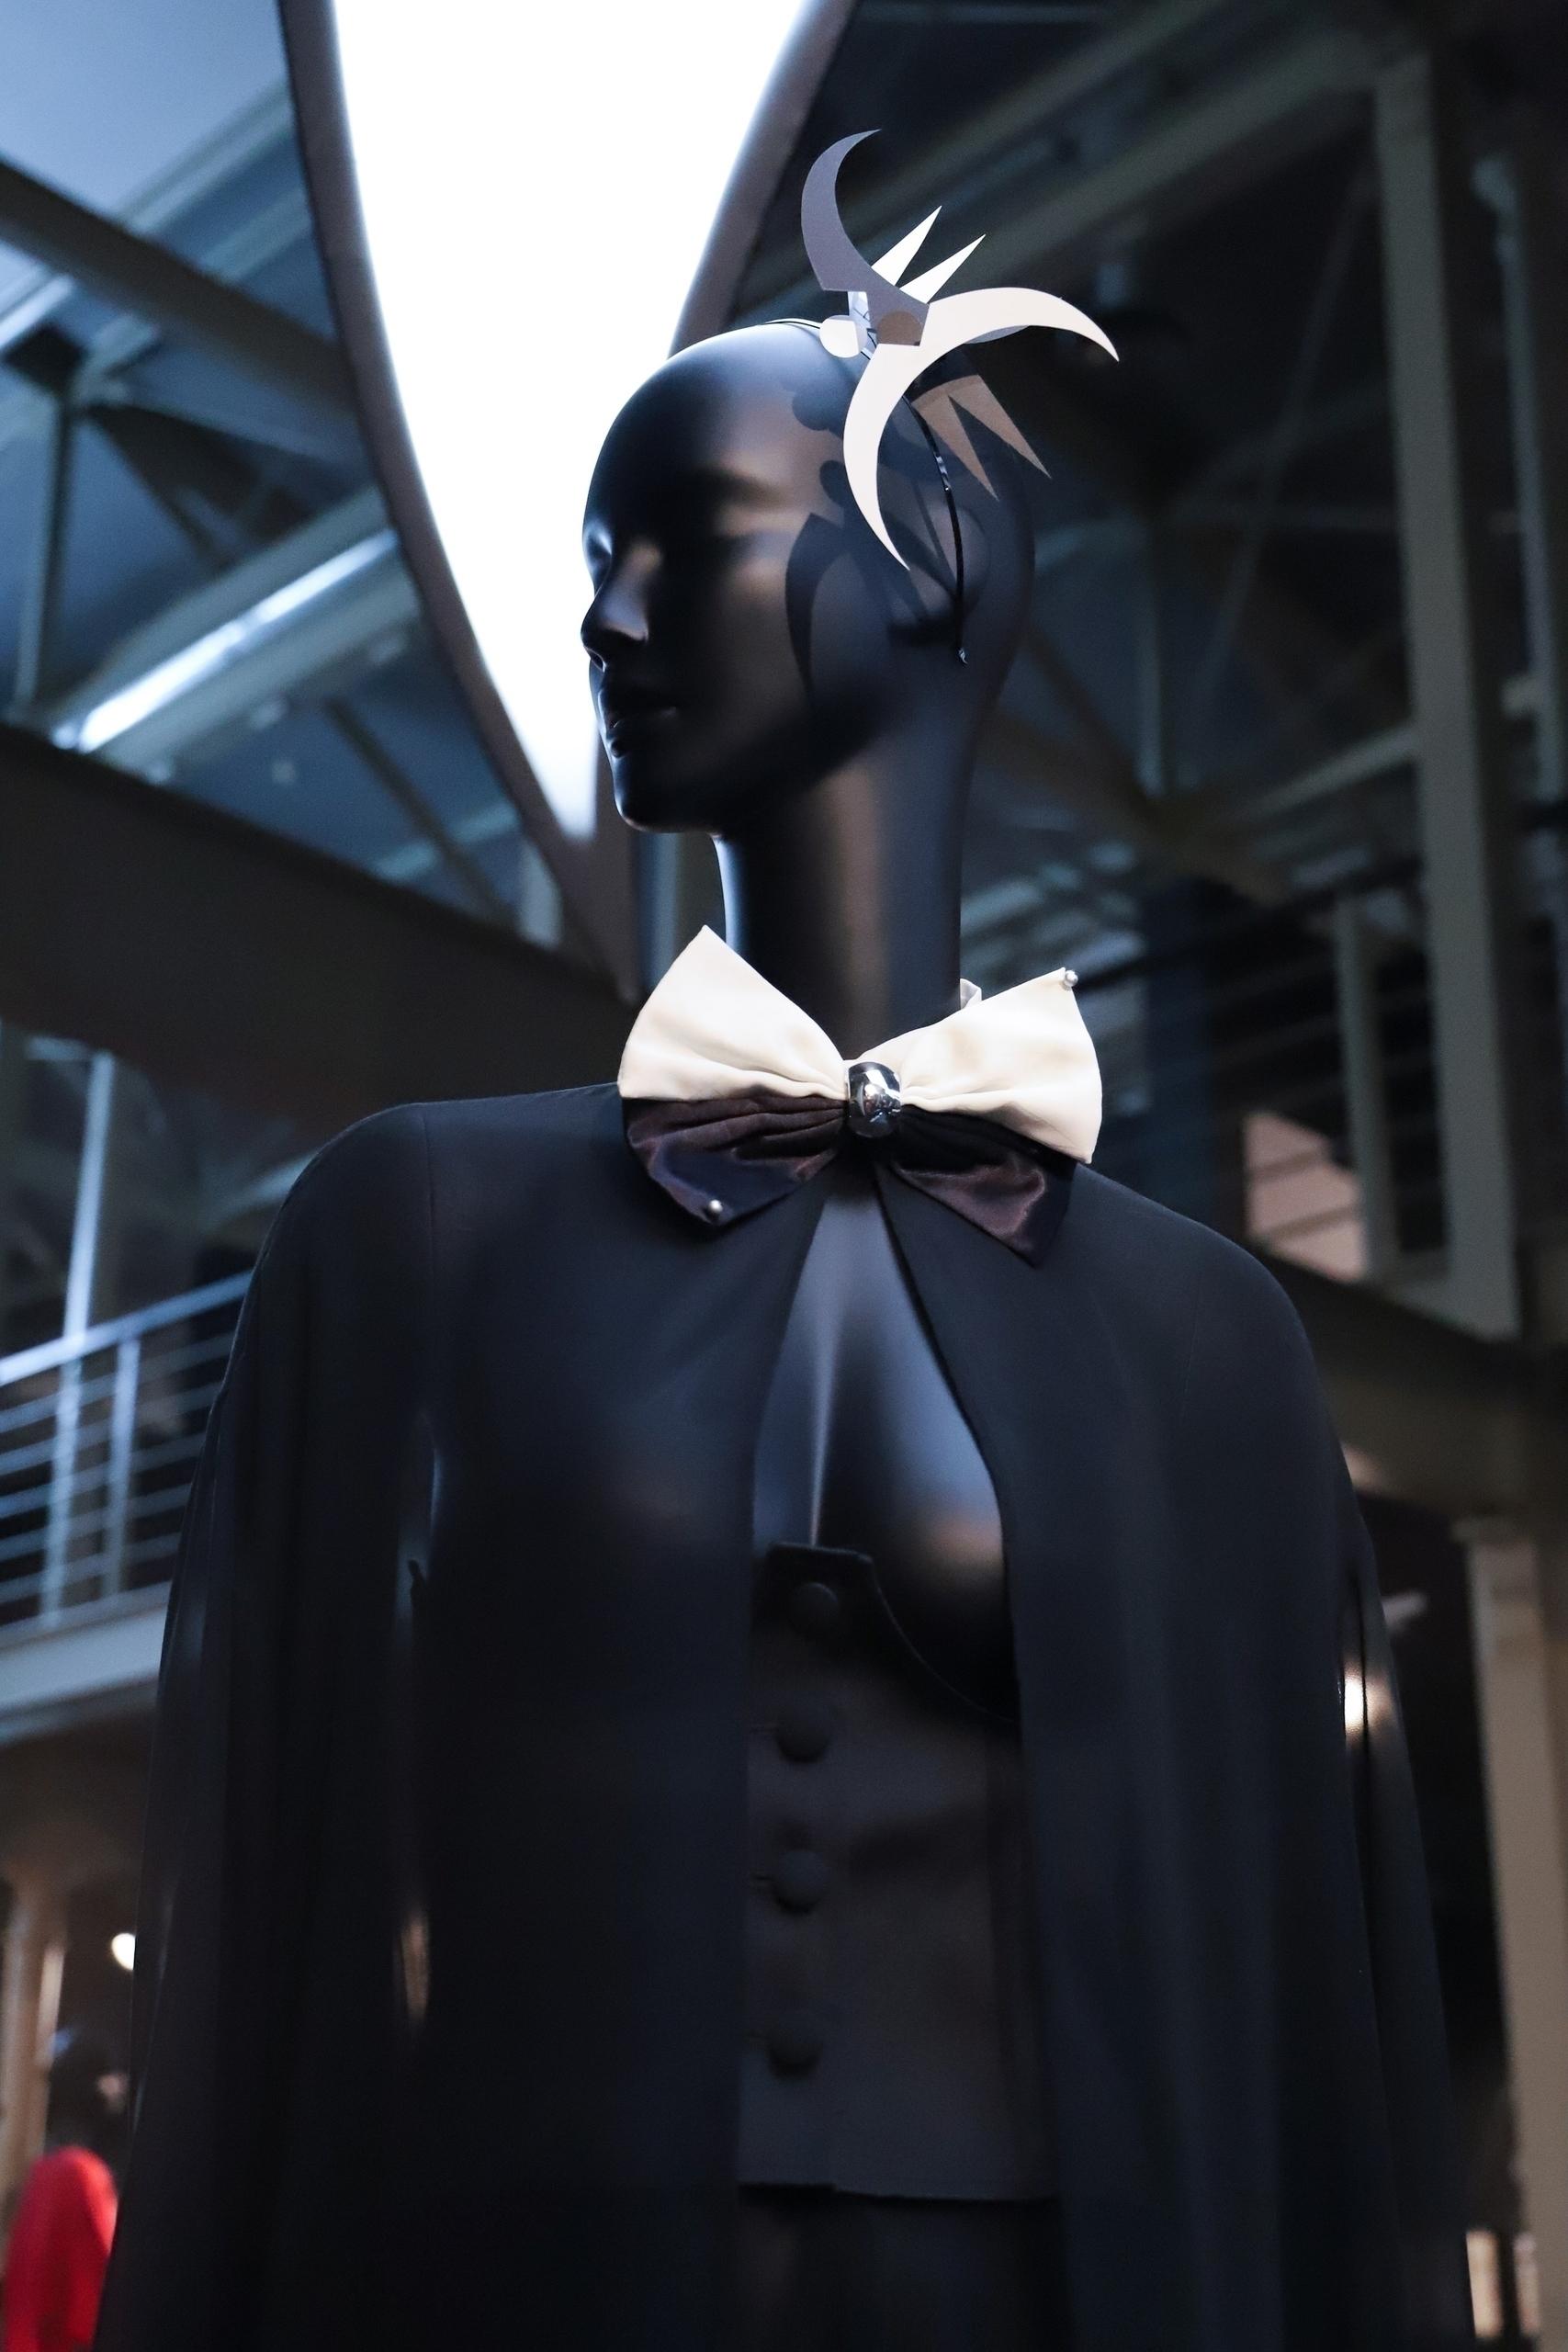 Zdjęcie przedstawia czarnego manekina sfotografowanego od dołu. Manekin ma na sobie biało-czarny strój i dziwne nakrycie głowy.